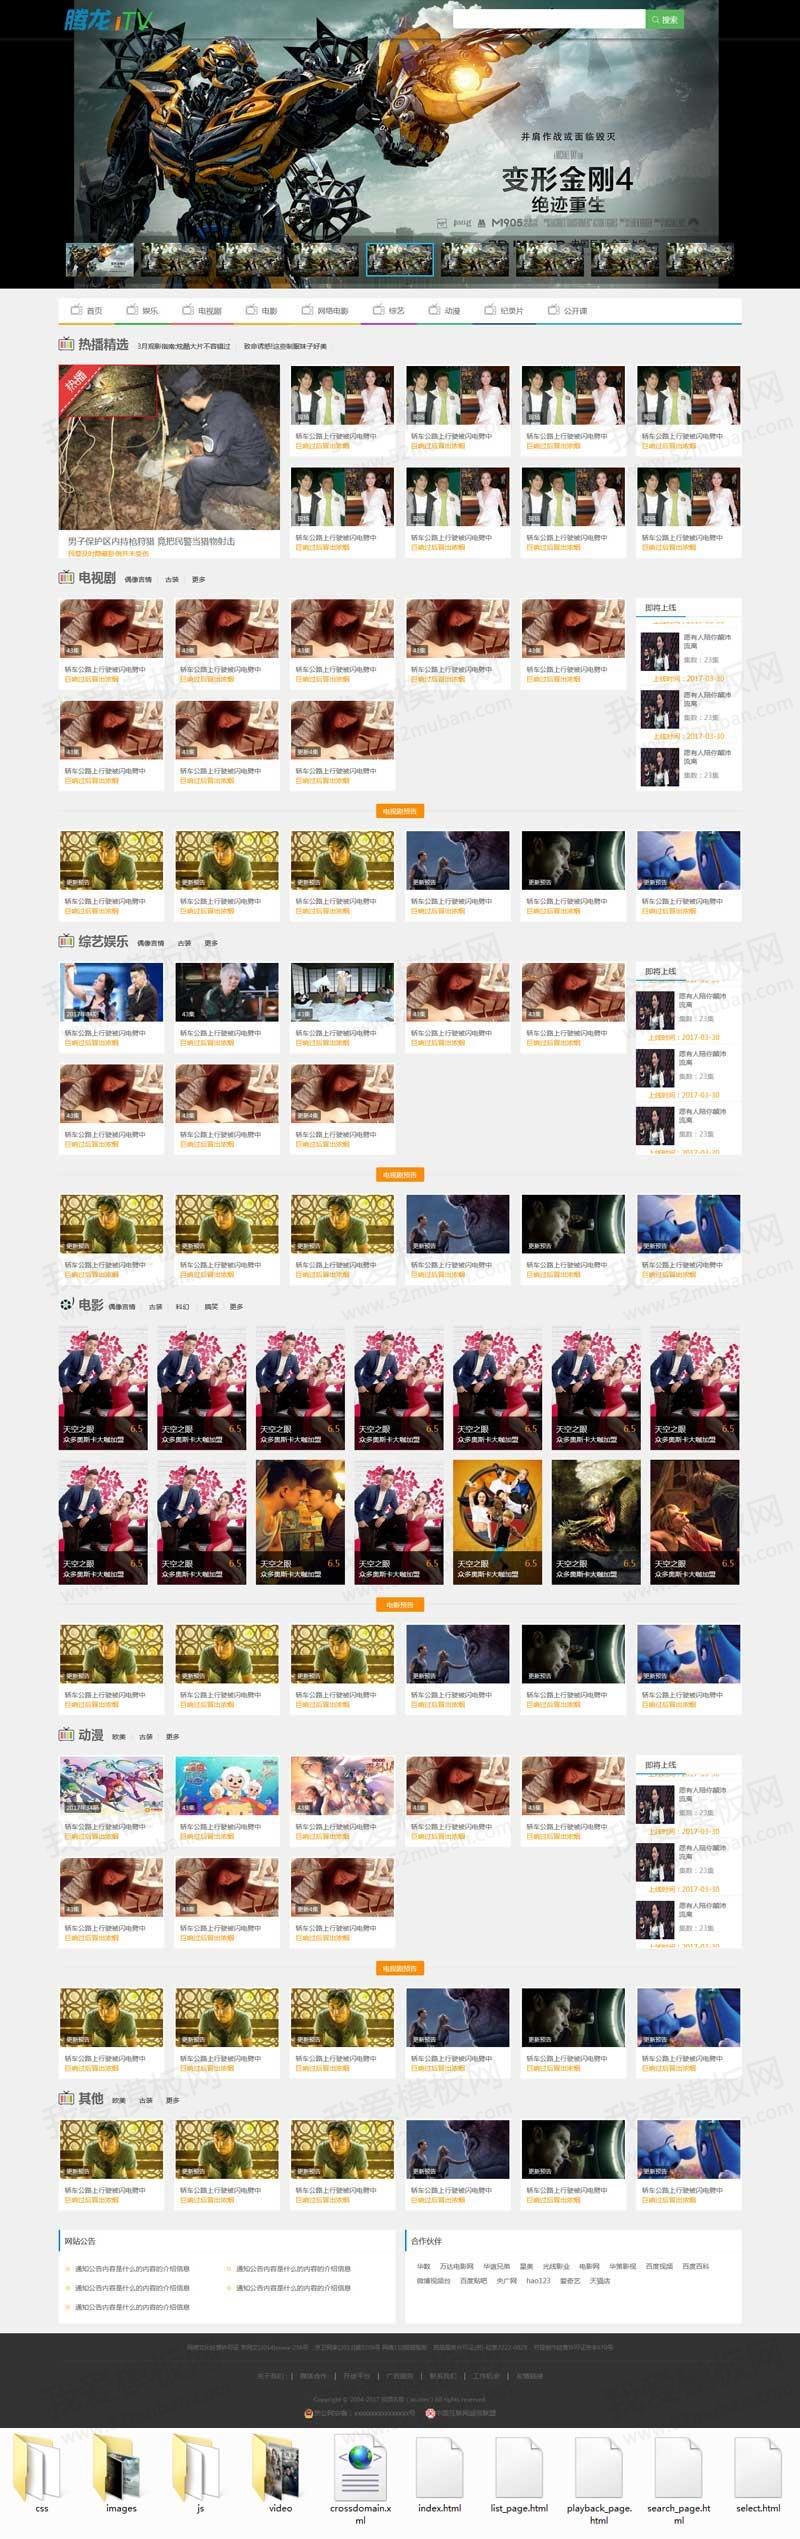 实用的电影视频播放网站模板html源码